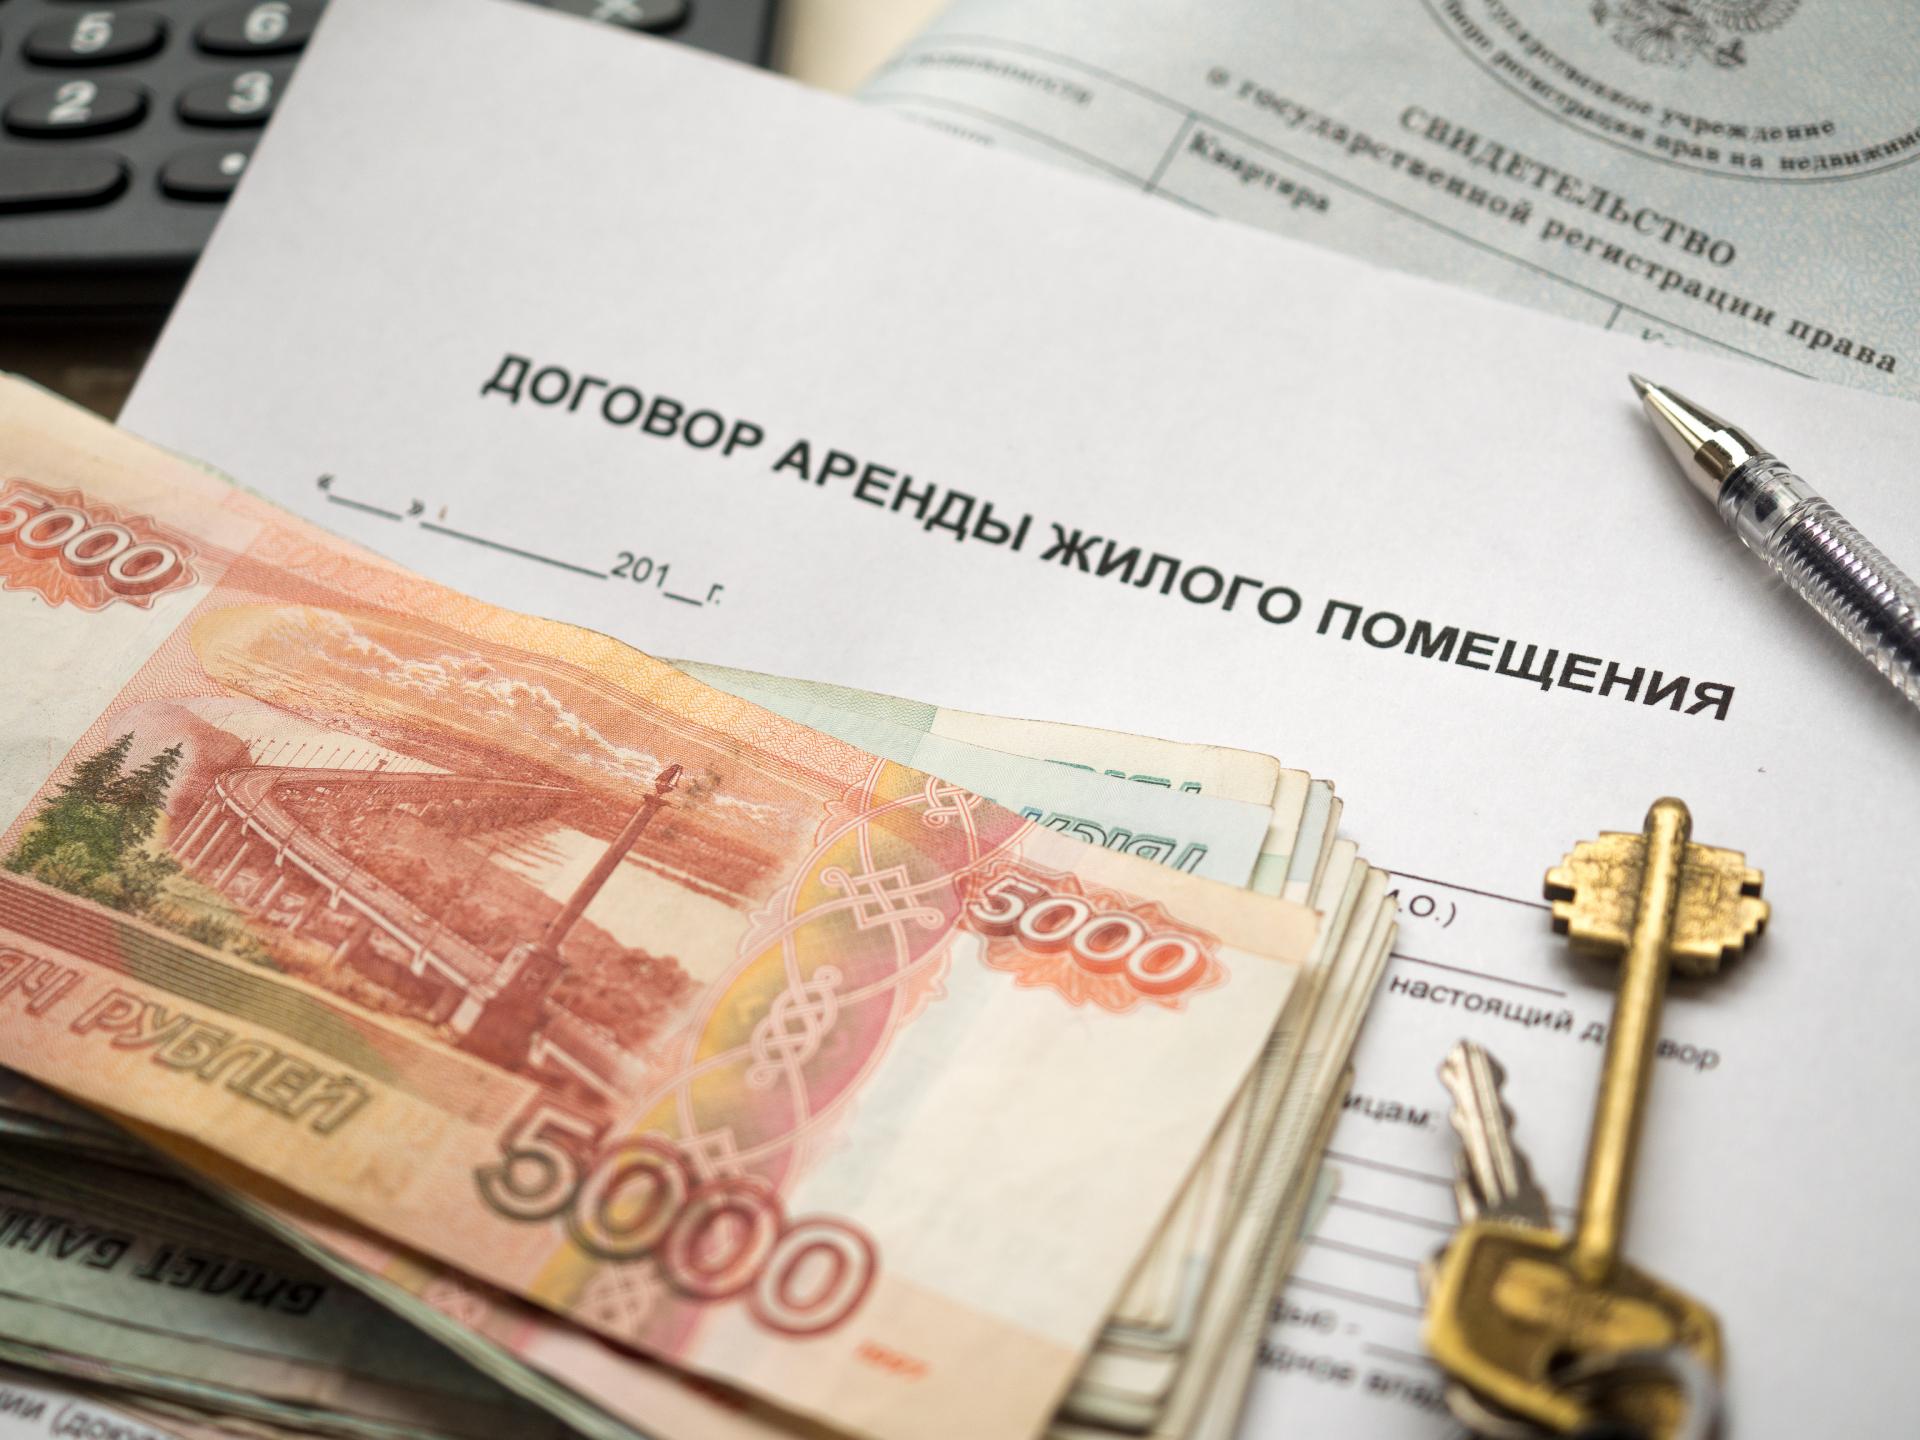 Договор аренды подразумевает регистрацию арендатора в съемном жилье